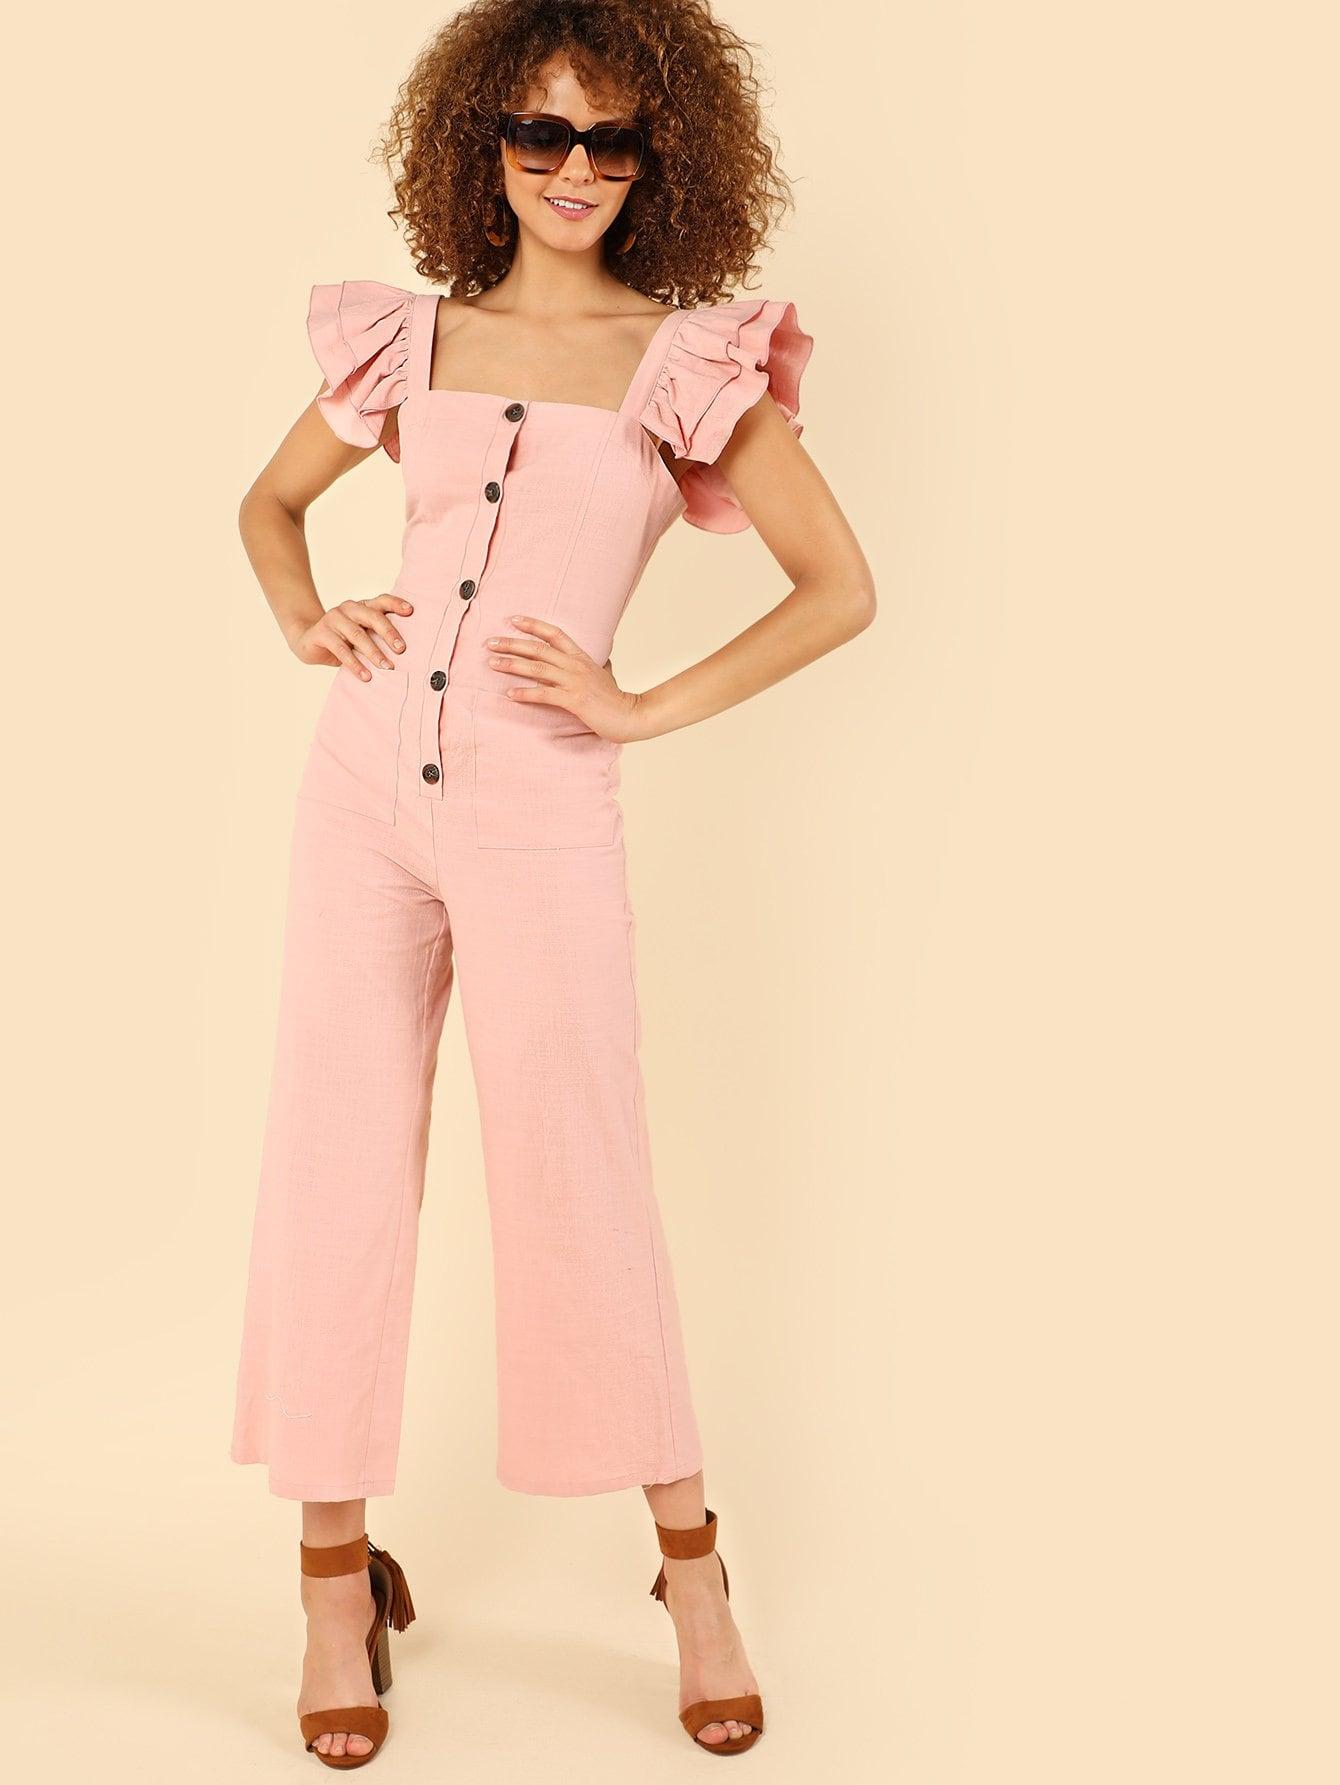 Layered Ruffle Strap Button Up Jumpsuits цена